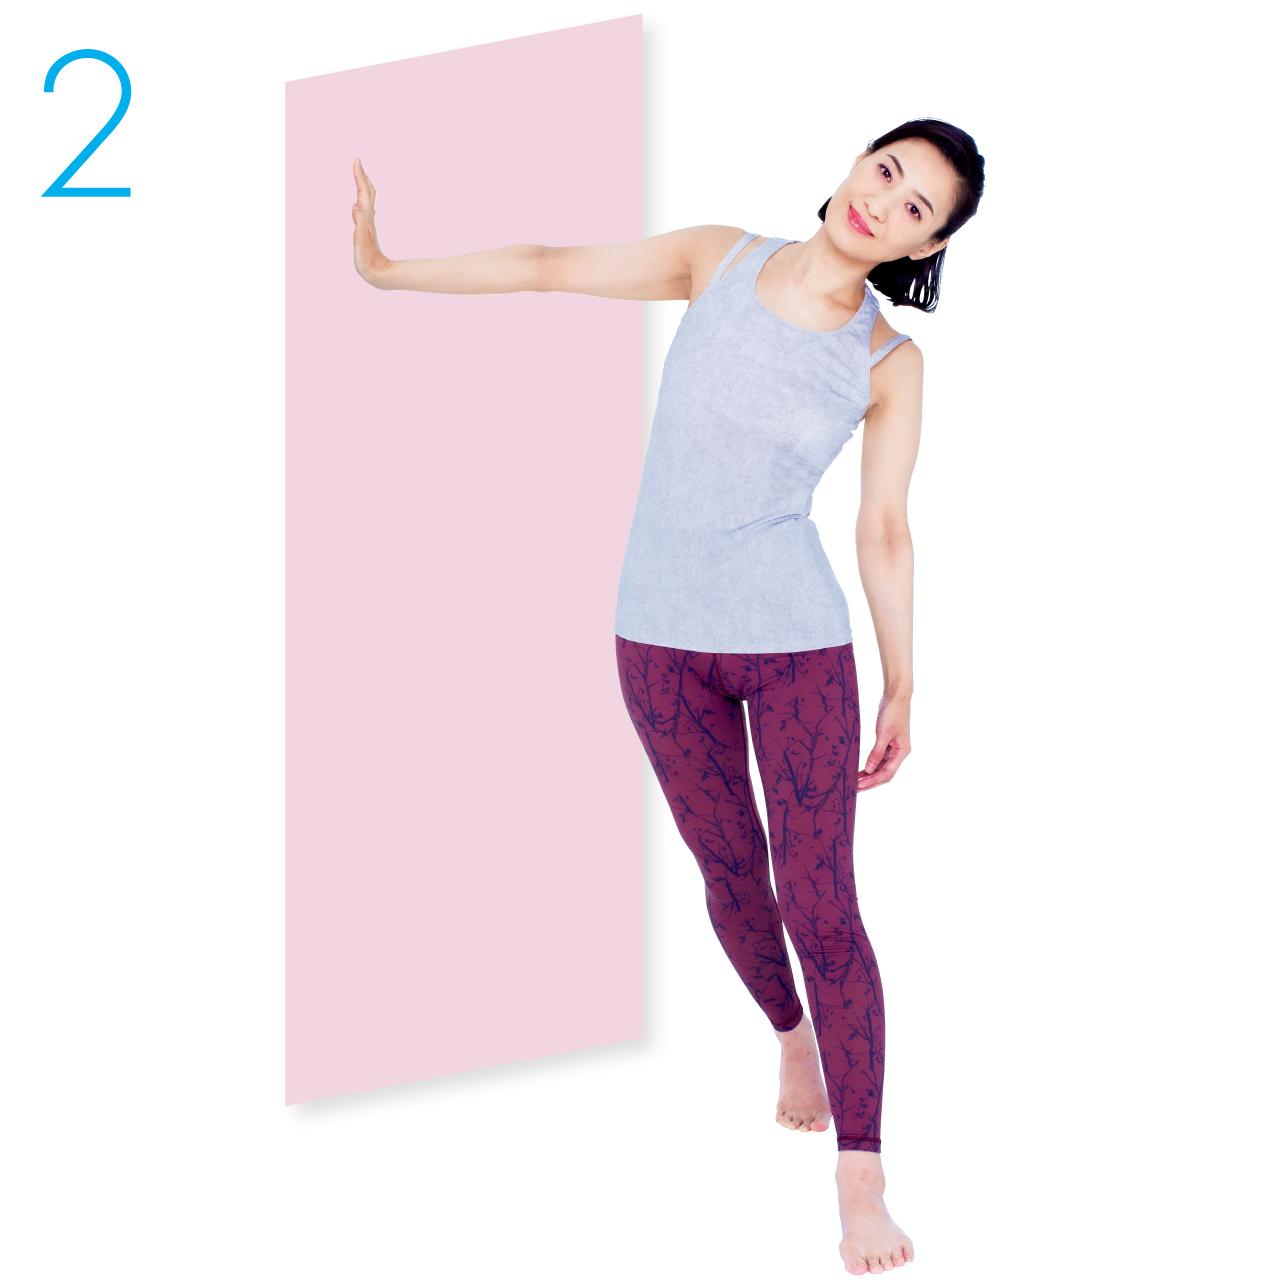 壁についた腕のひじが曲がらないようにしながら、骨盤を壁にゆっくり近づけます。頭が下がらないように注意して